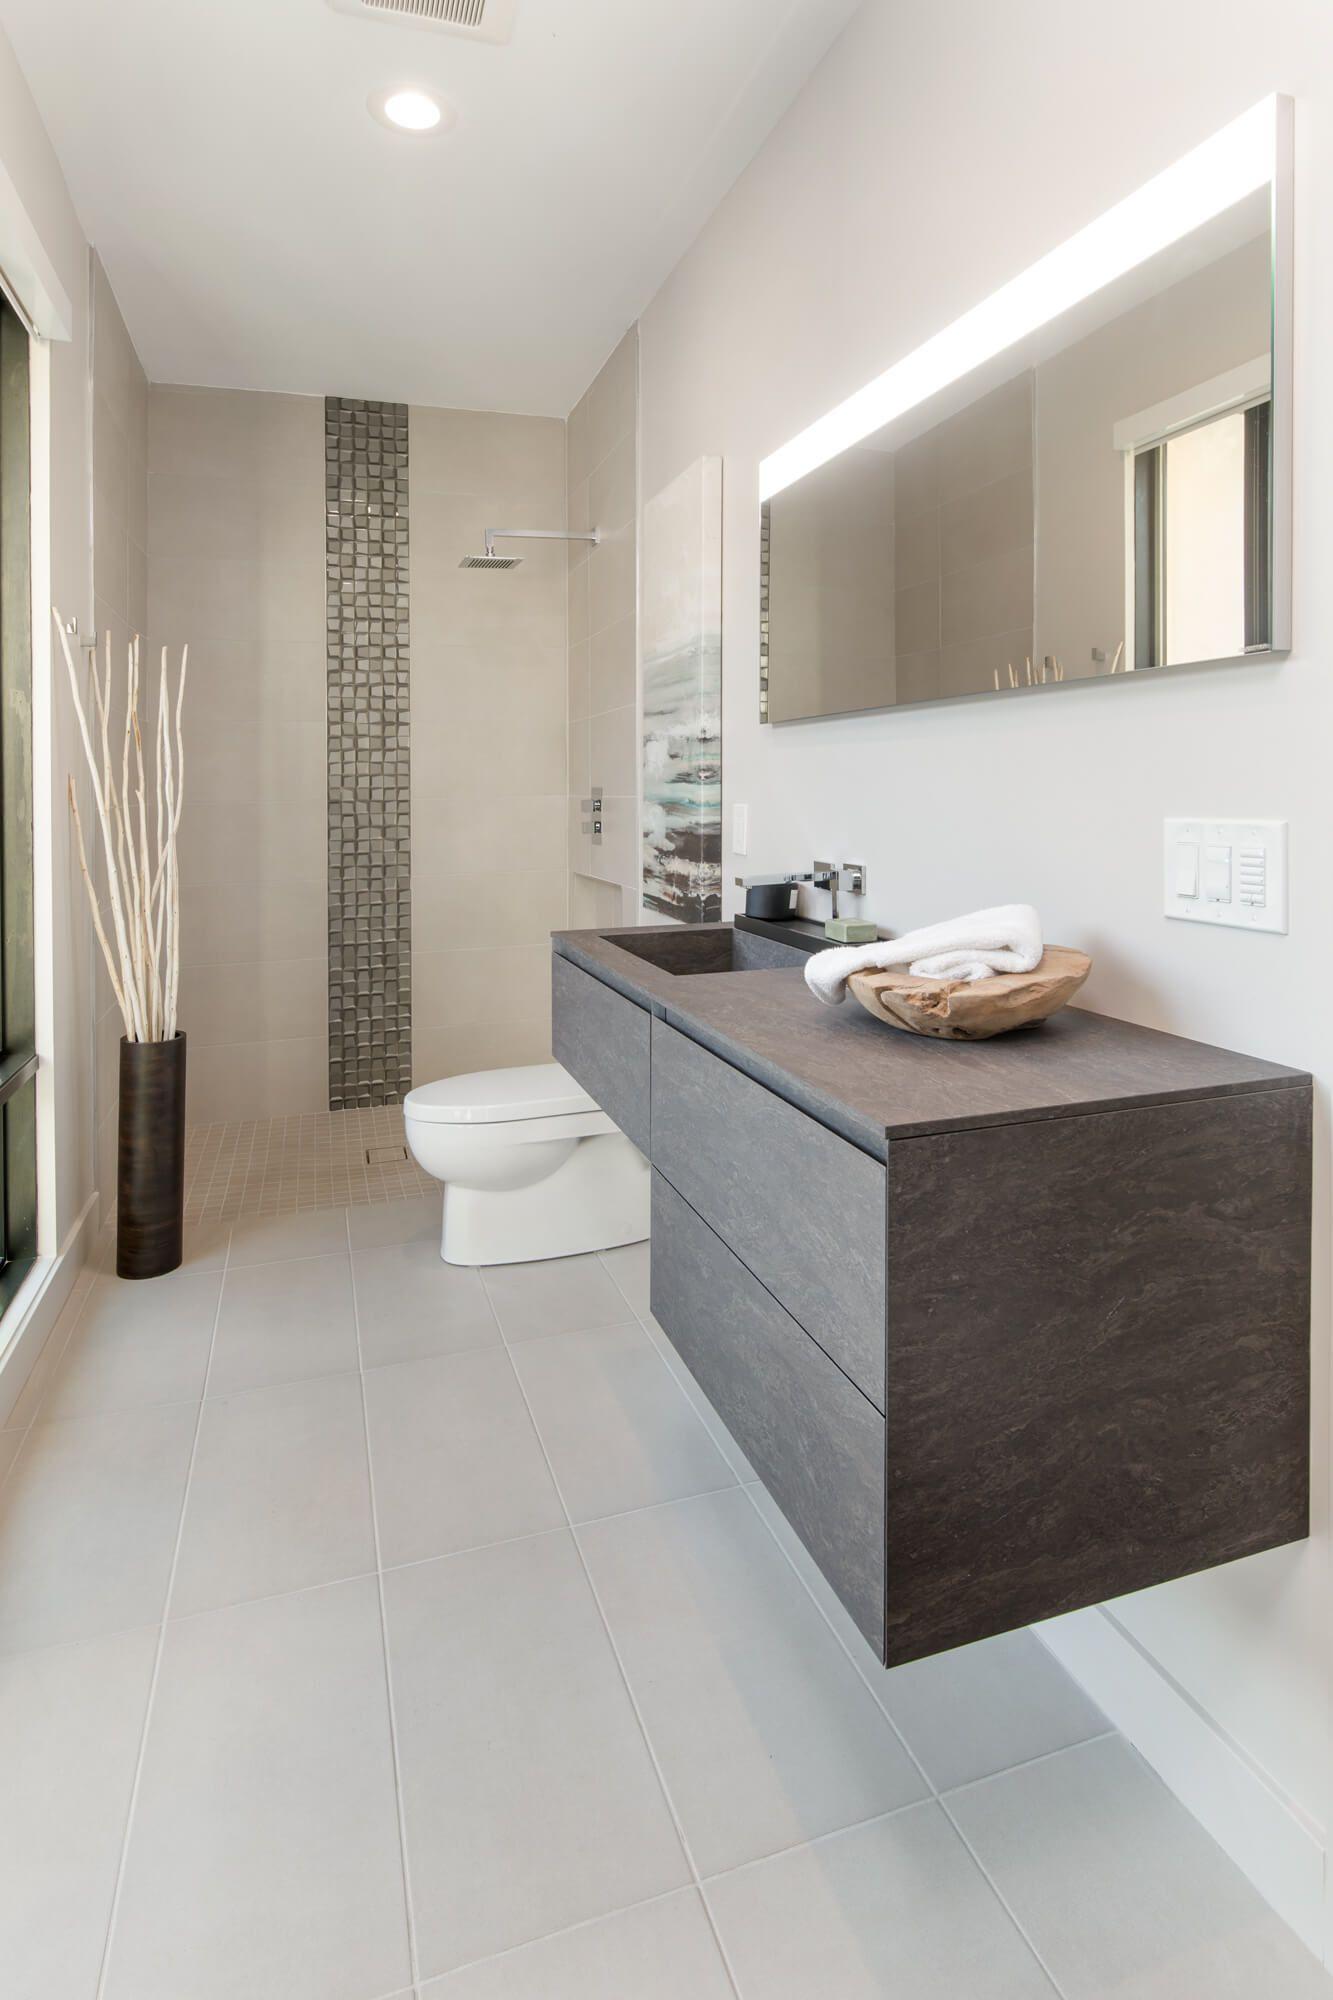 Custom contemporary bathroom designed by Interior Designer, RM Interiors of Cincinnati Ohio.